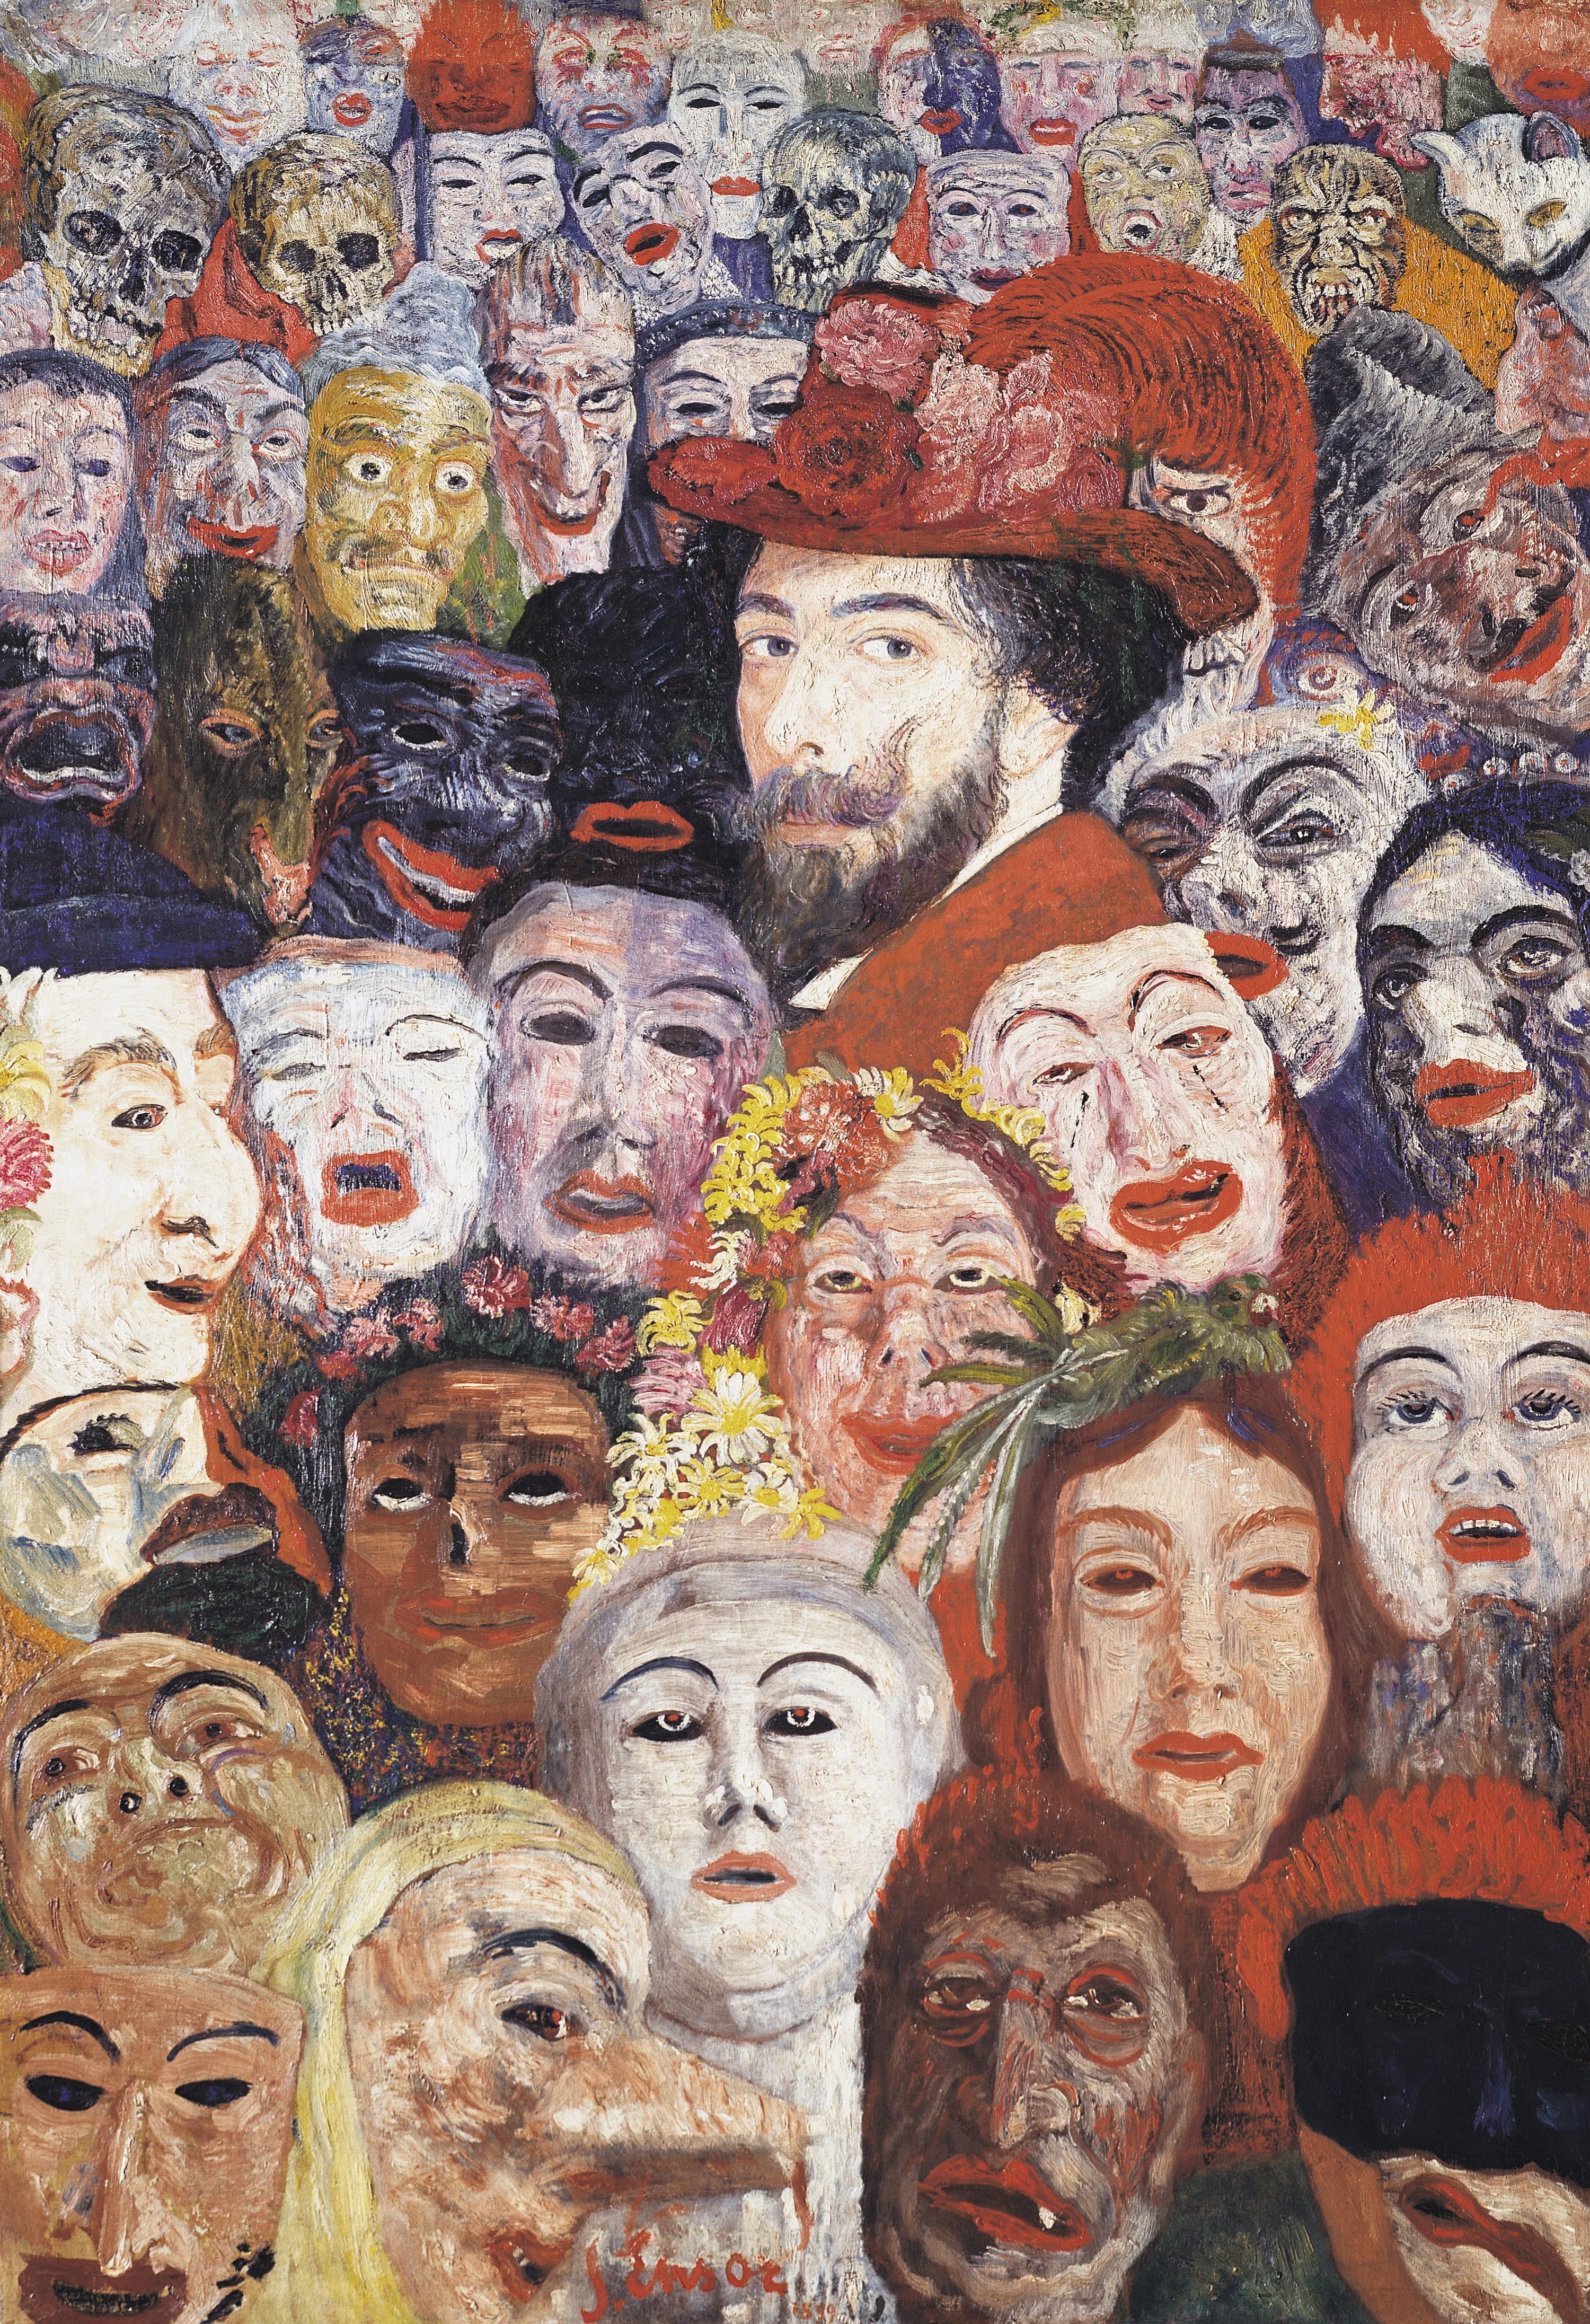 James Ensor, Mon portrait entouré de masques, 1899, huile sur toile, Menard Art Museum, Kamoki, Japon.